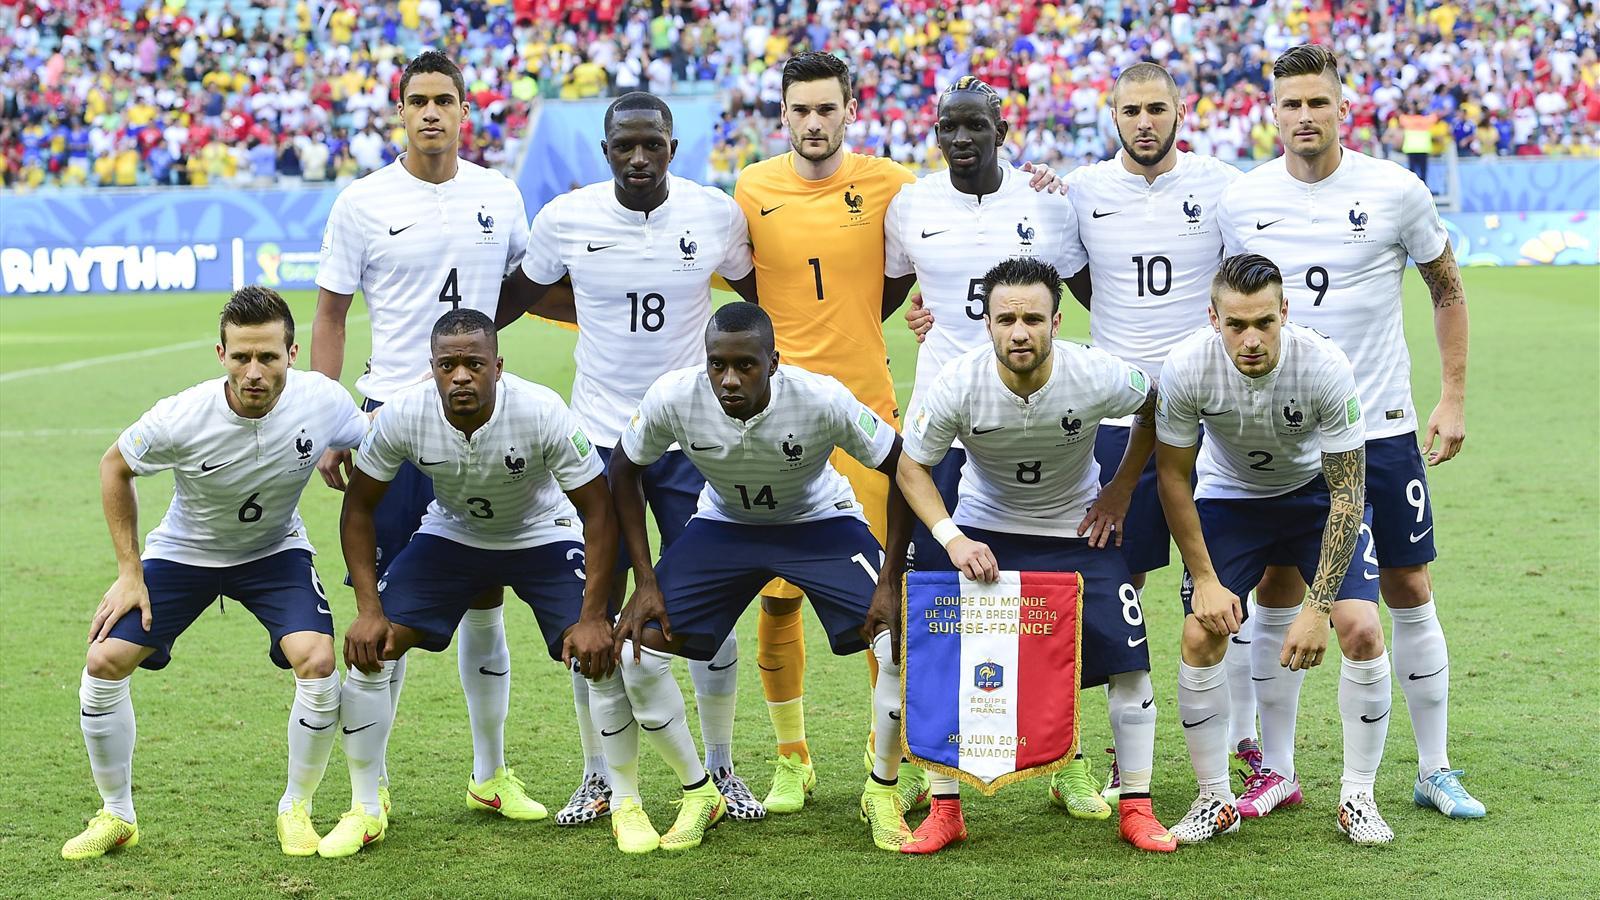 Coupe du monde france nigeria pr s d 39 un bleu sur deux n 39 a jamais connu le grand frisson - Classement buteur coupe de france ...